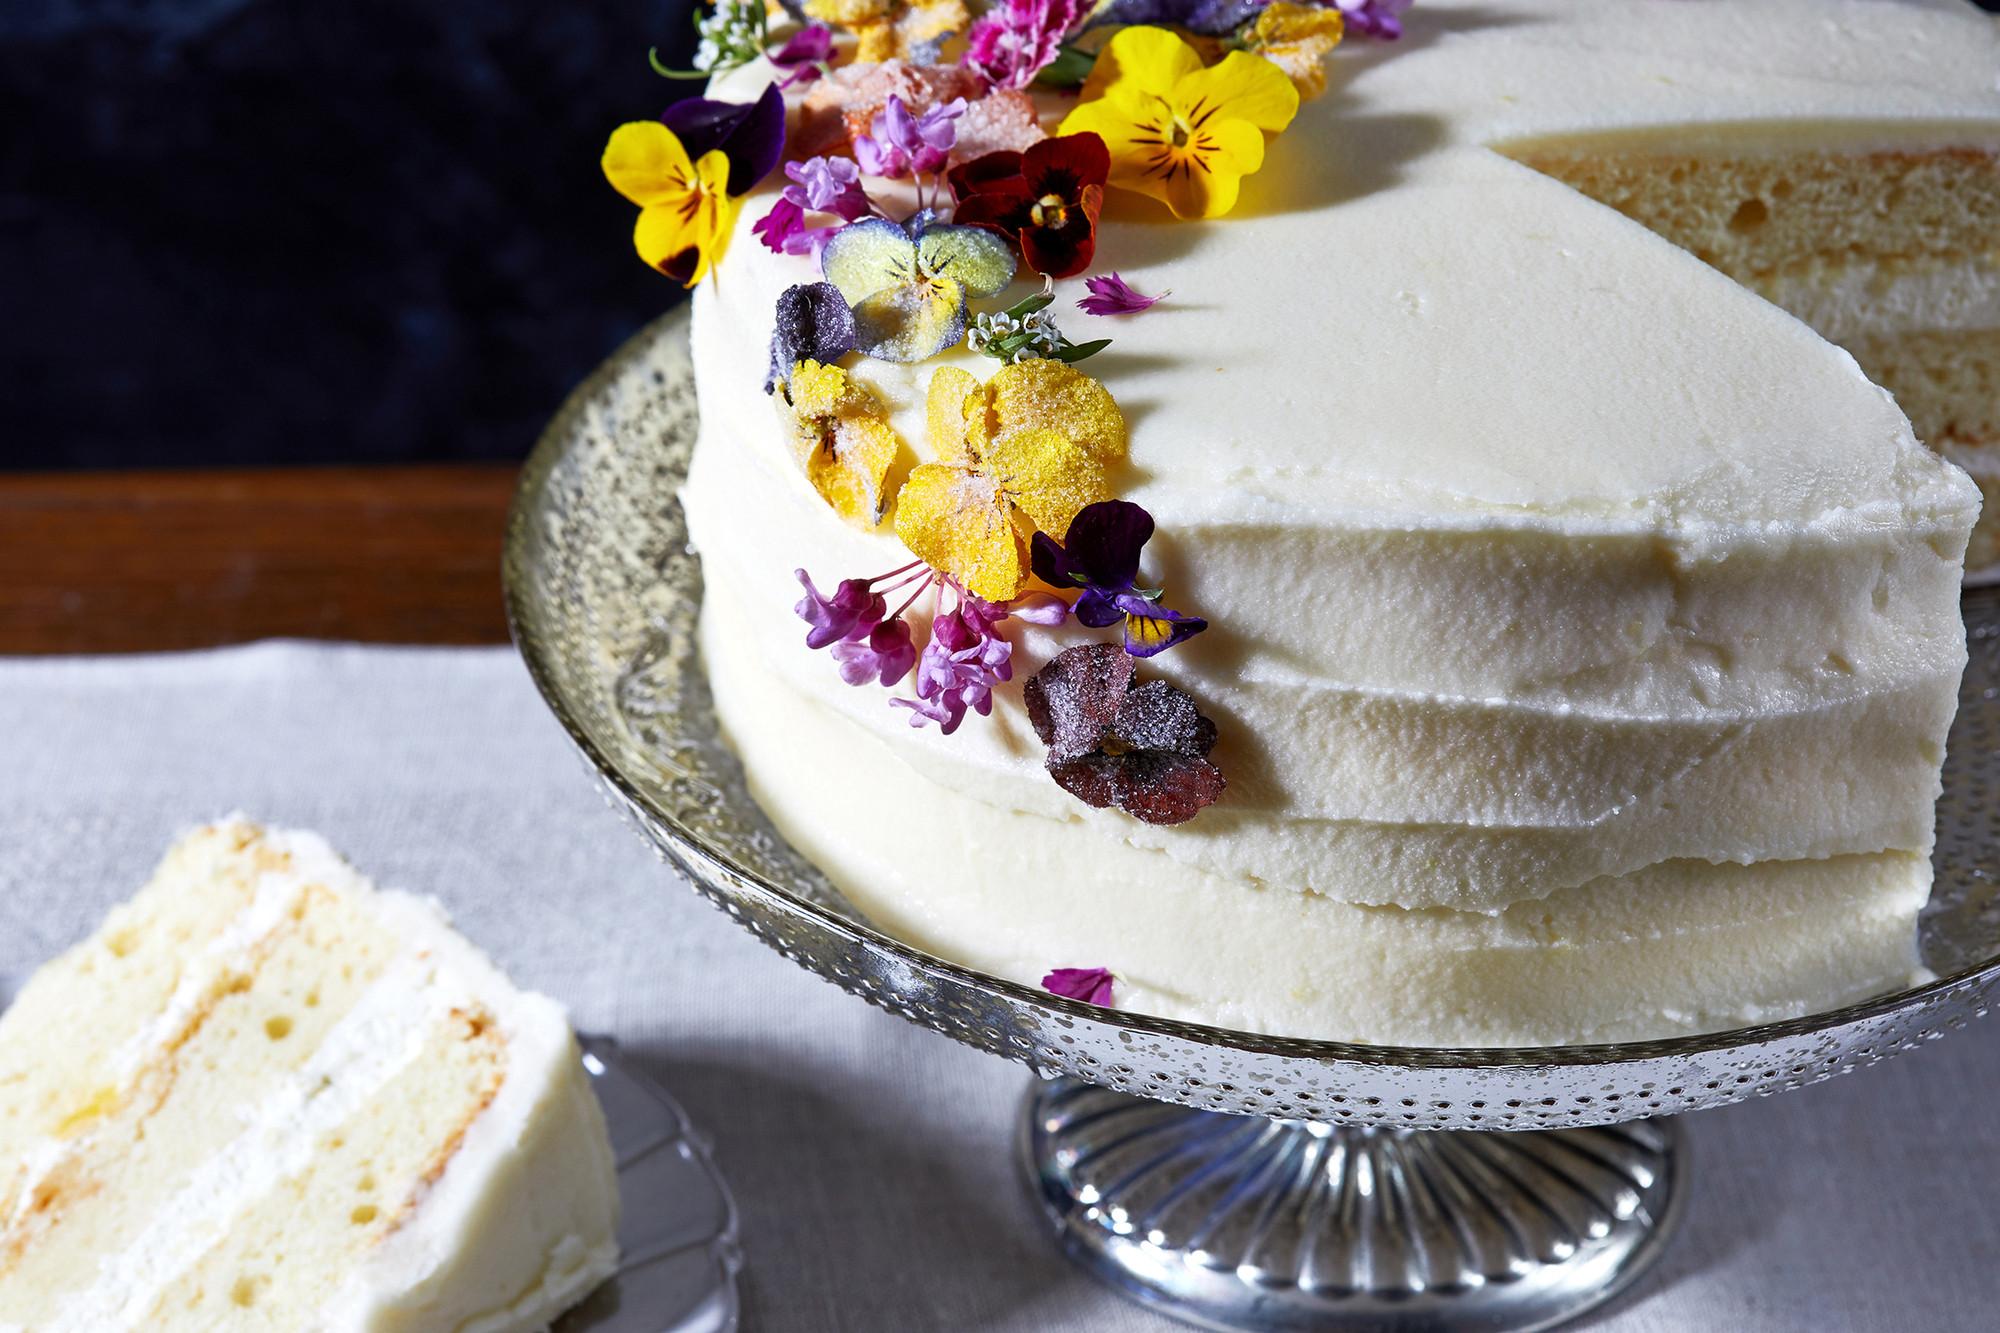 Royal Wedding Cake Recipe  Make your own royal wedding cake StarTribune